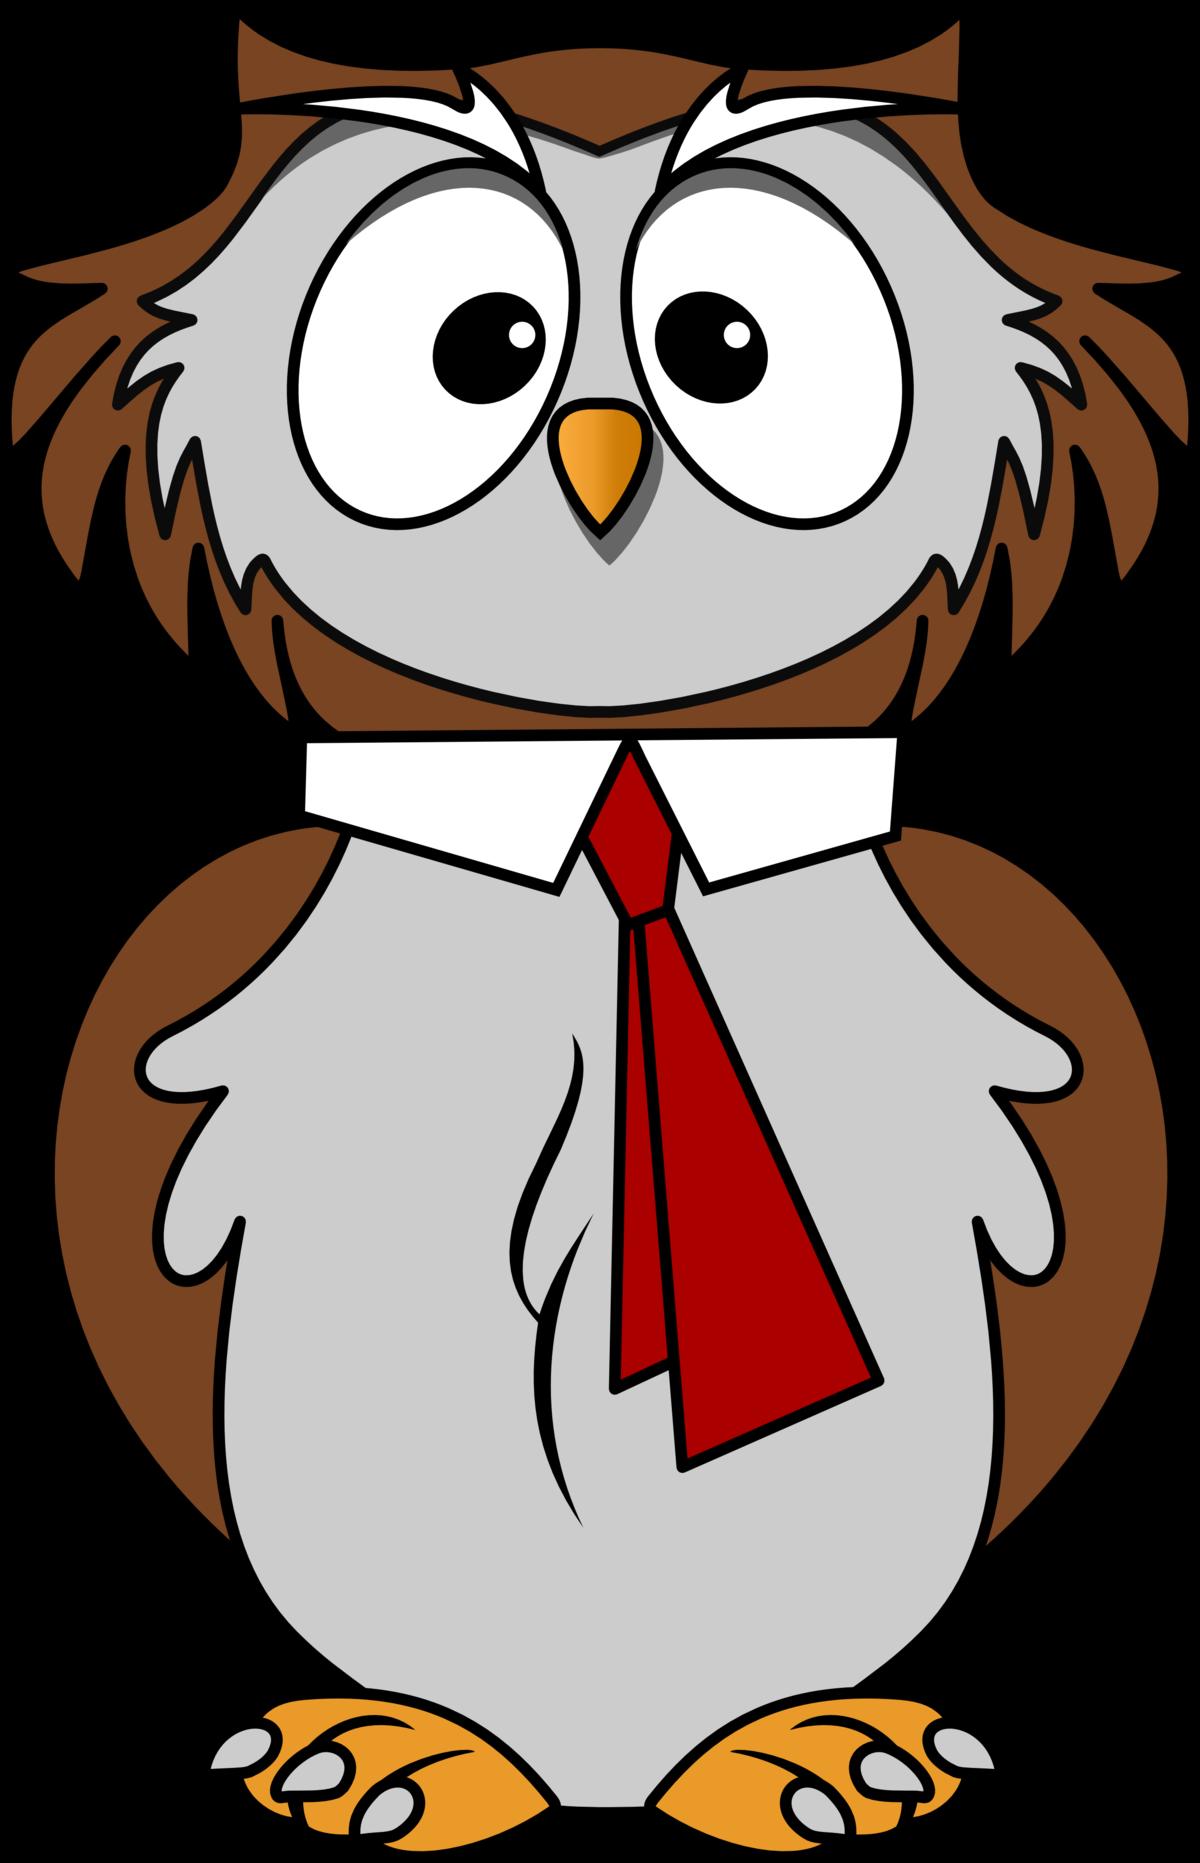 Картинки мудрая сова для детского сада, для научного